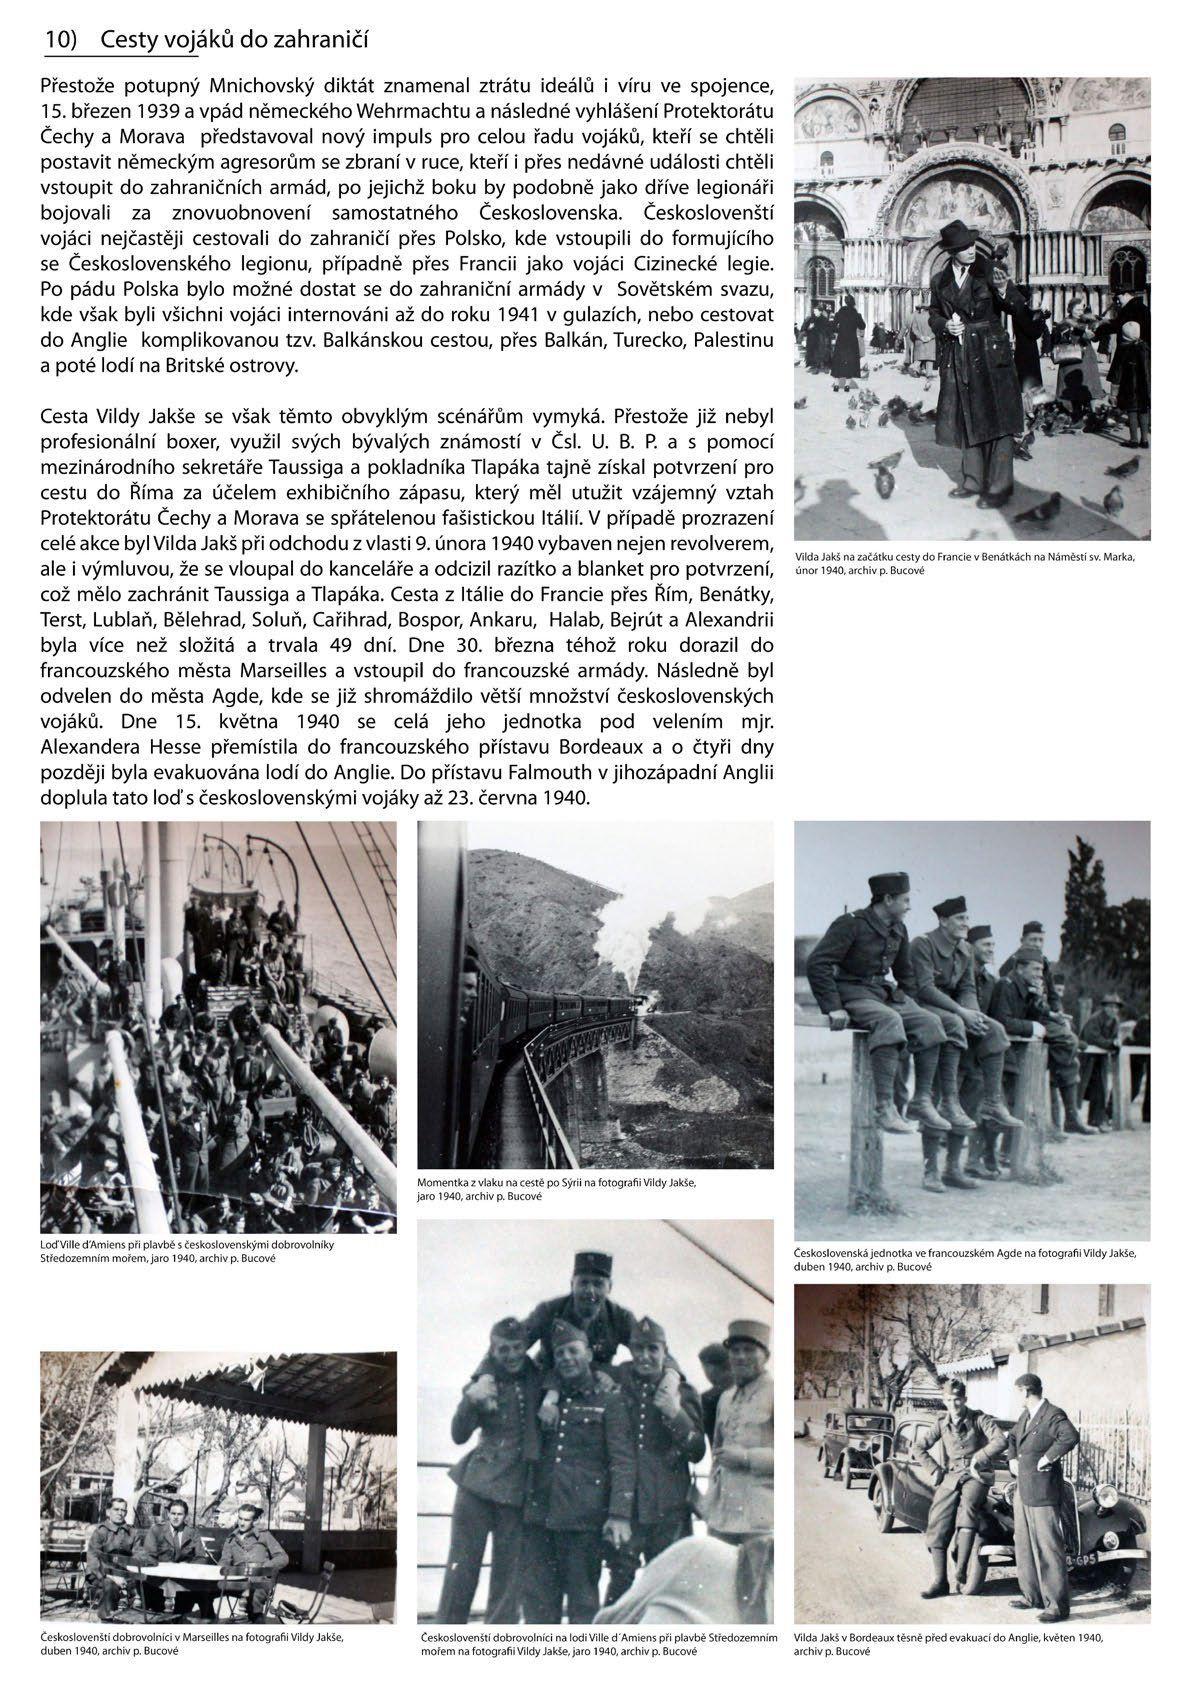 Výstava Vilda Jakš - cesty vojáků do zahraničí